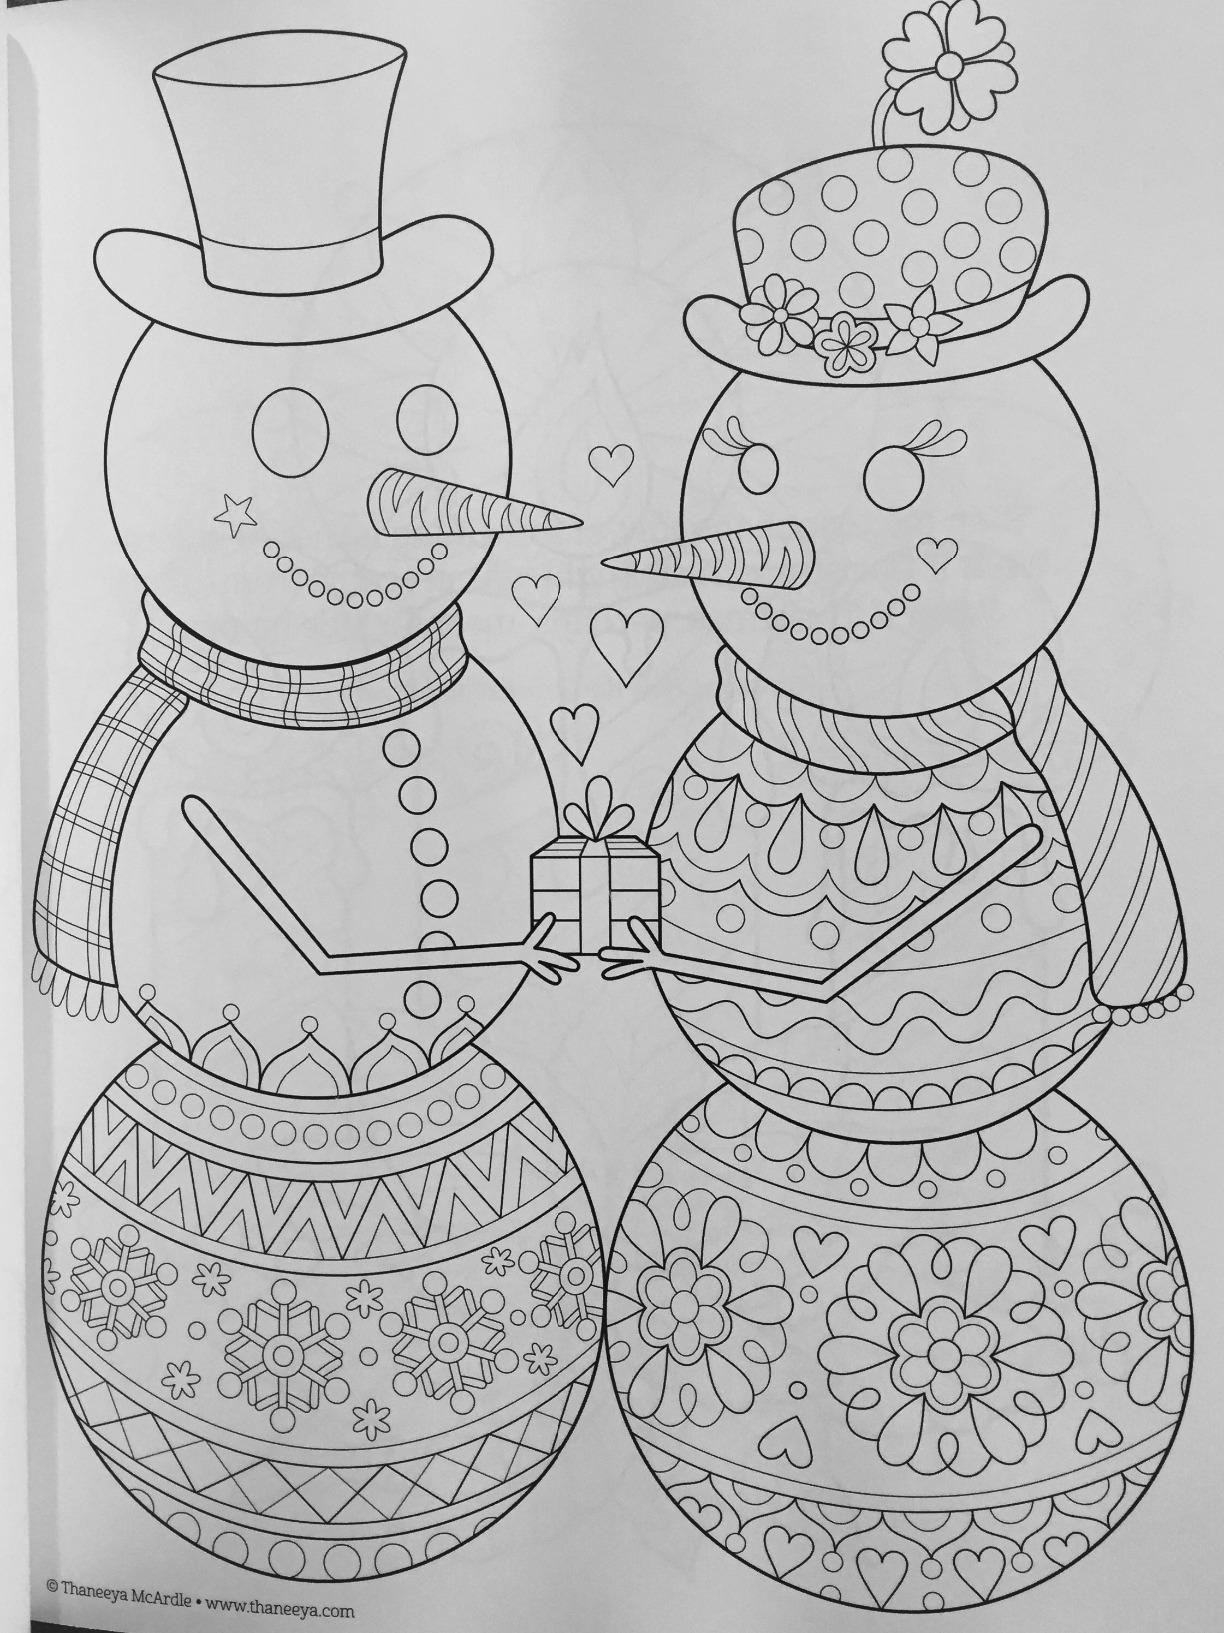 Einhorn Mandala Erwachsene Frisch Ausmalbilder Mandala Erwachsene Verschiedene Bilder Färben Christmas Sammlung